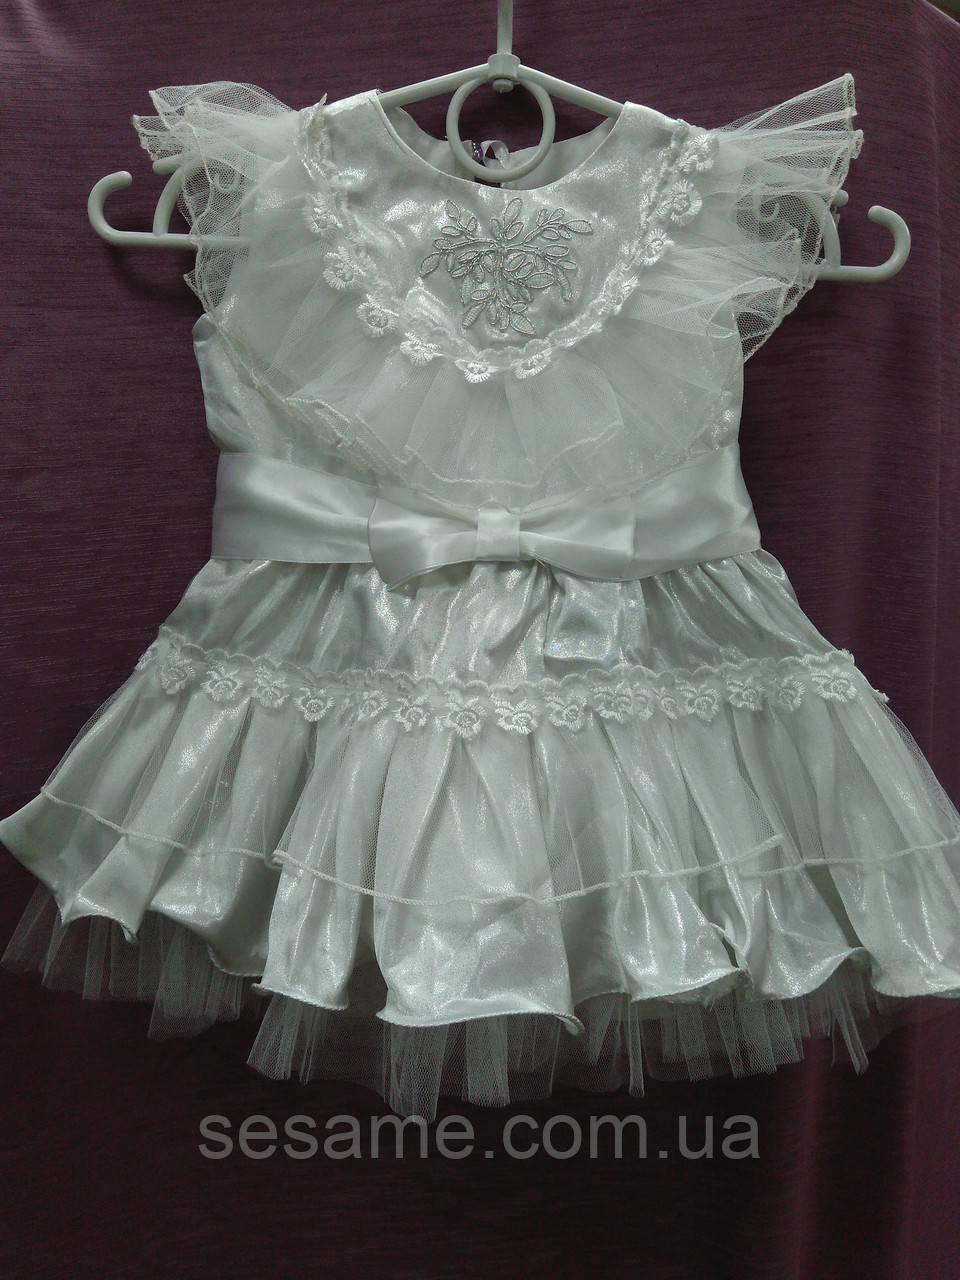 Нарядное детское платье на 1-2 годика с рюшками  серебрянное